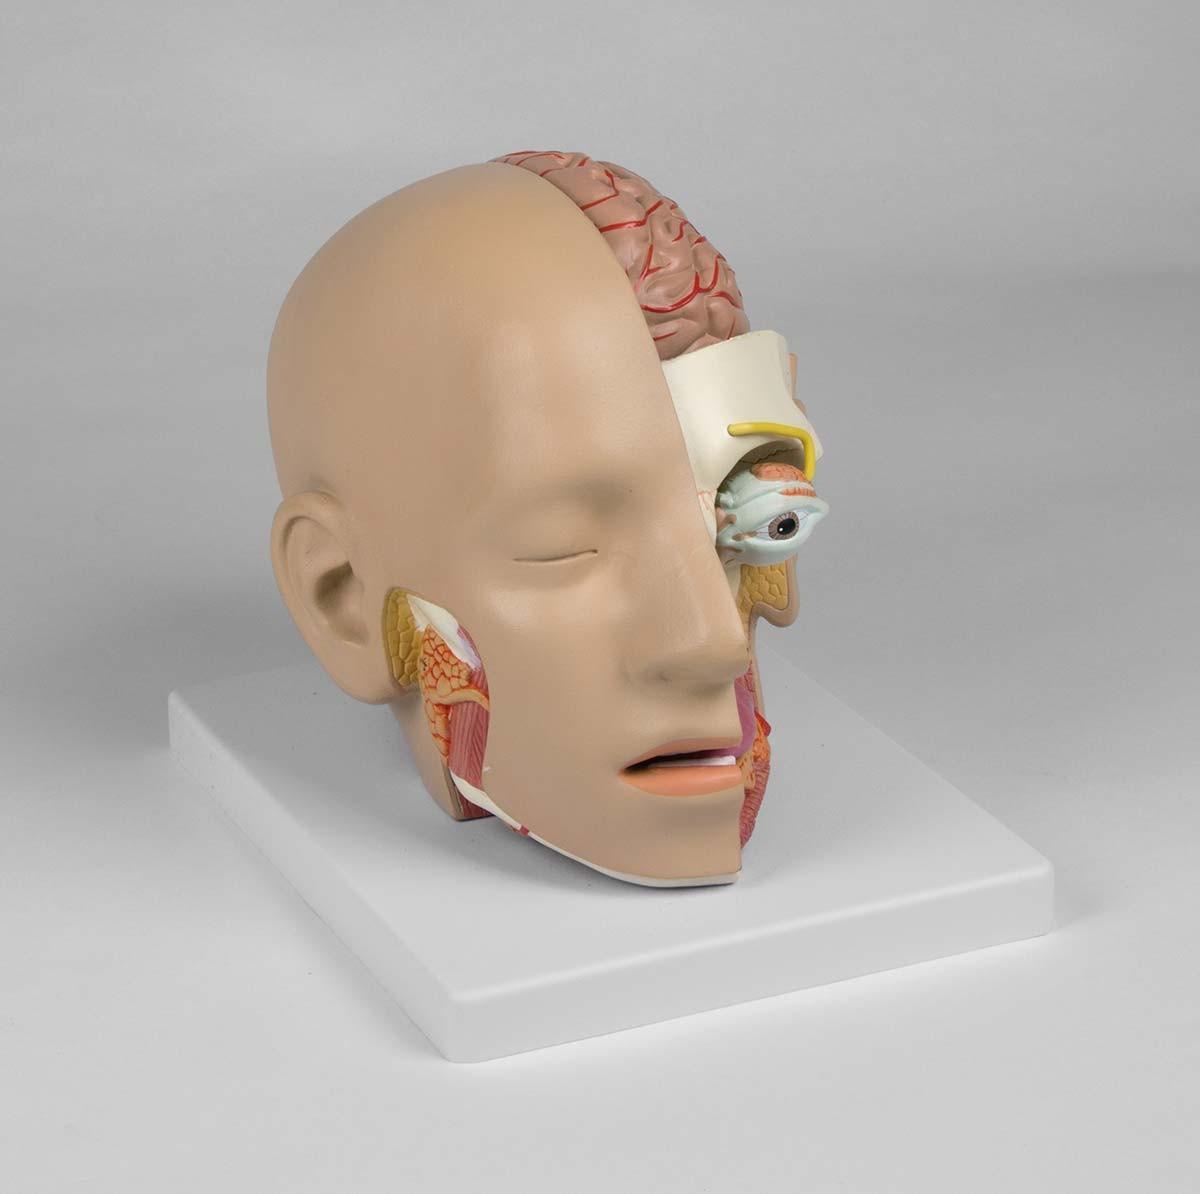 Kopf, zerlegbar, 4 Teile 1